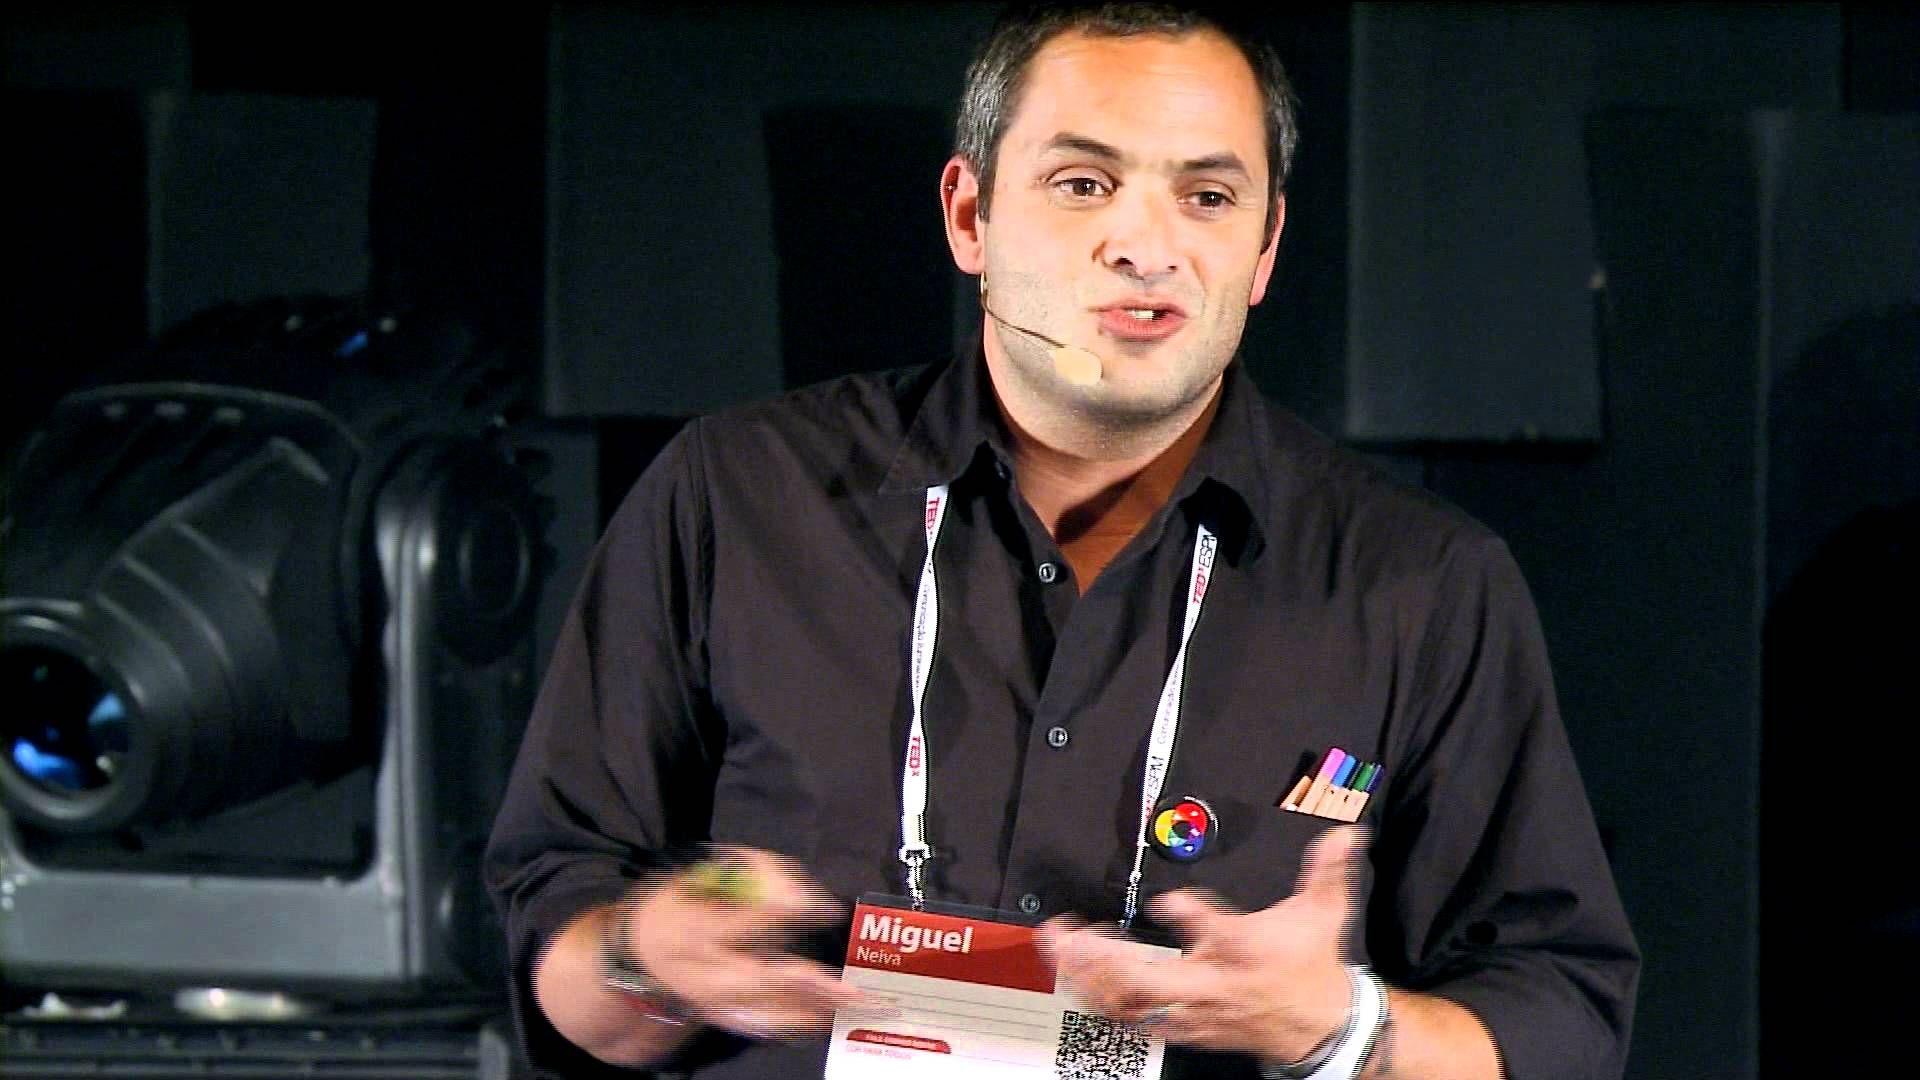 TEDxESPM, São Paulo, Brasil (2011) #tedx #ted #tedxespm #brasil #social #inovação #inclusão #acessibilidade #educação #saúde #bemestar #designforall #acoréparatodos #coloradd